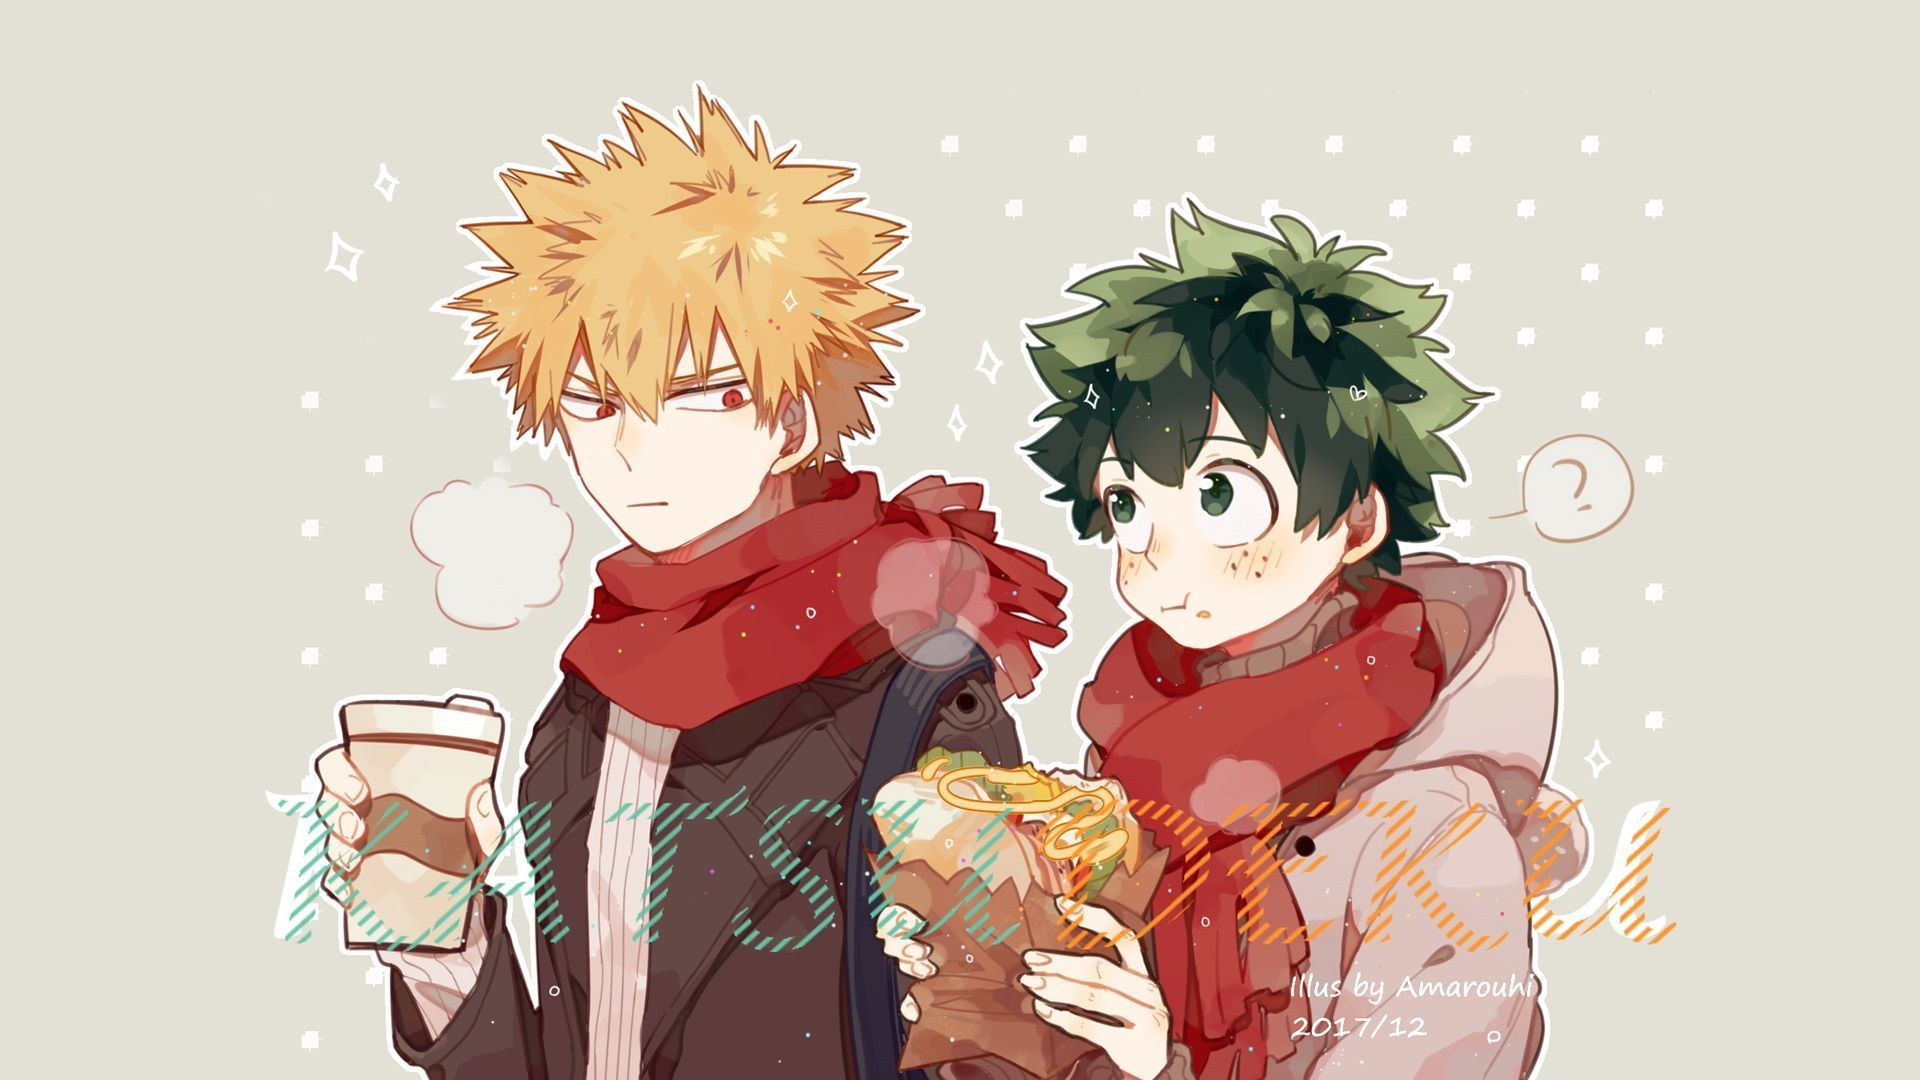 Bakudeku Wallpapers Top Free Bakudeku Backgrounds Wallpaperaccess Anime Character Wallpaper My Hero Academia